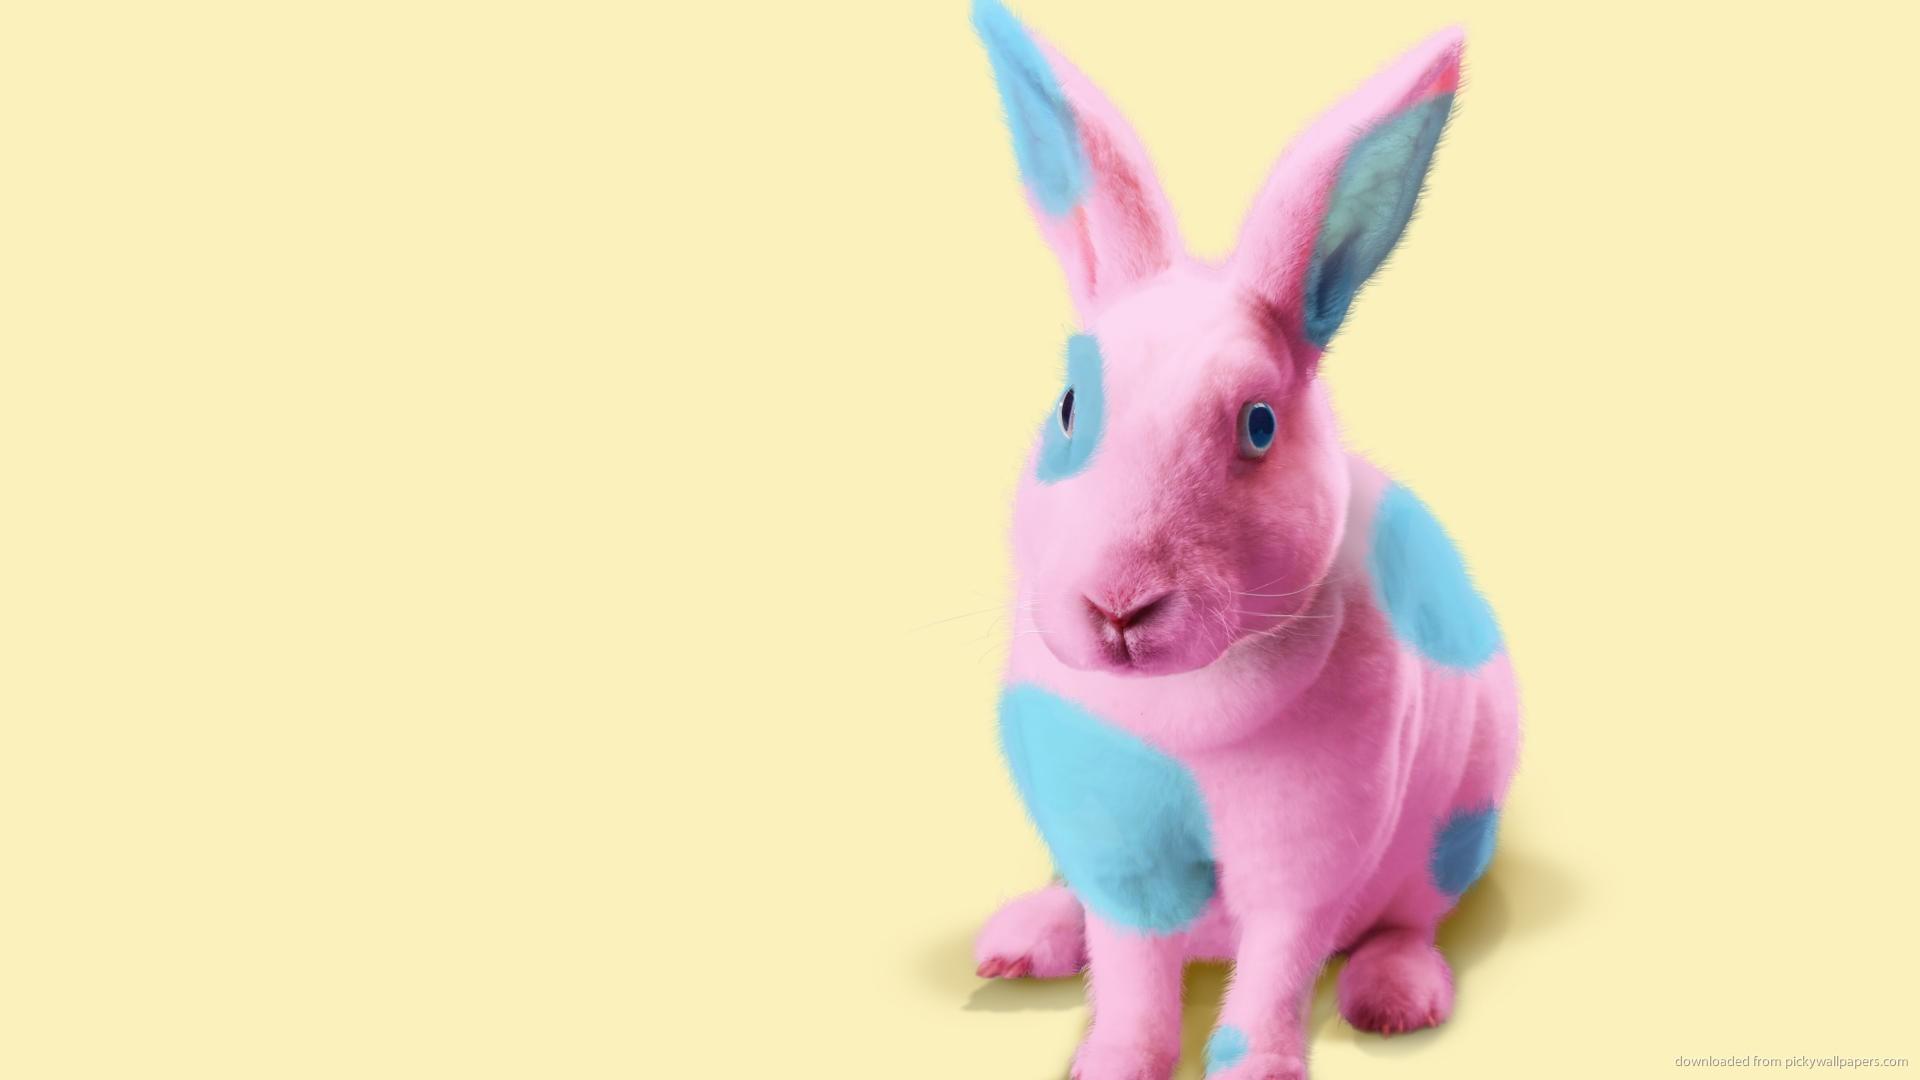 Terms bunnies tumblr with pink wallpaper pink bunny cartoon wallpaper